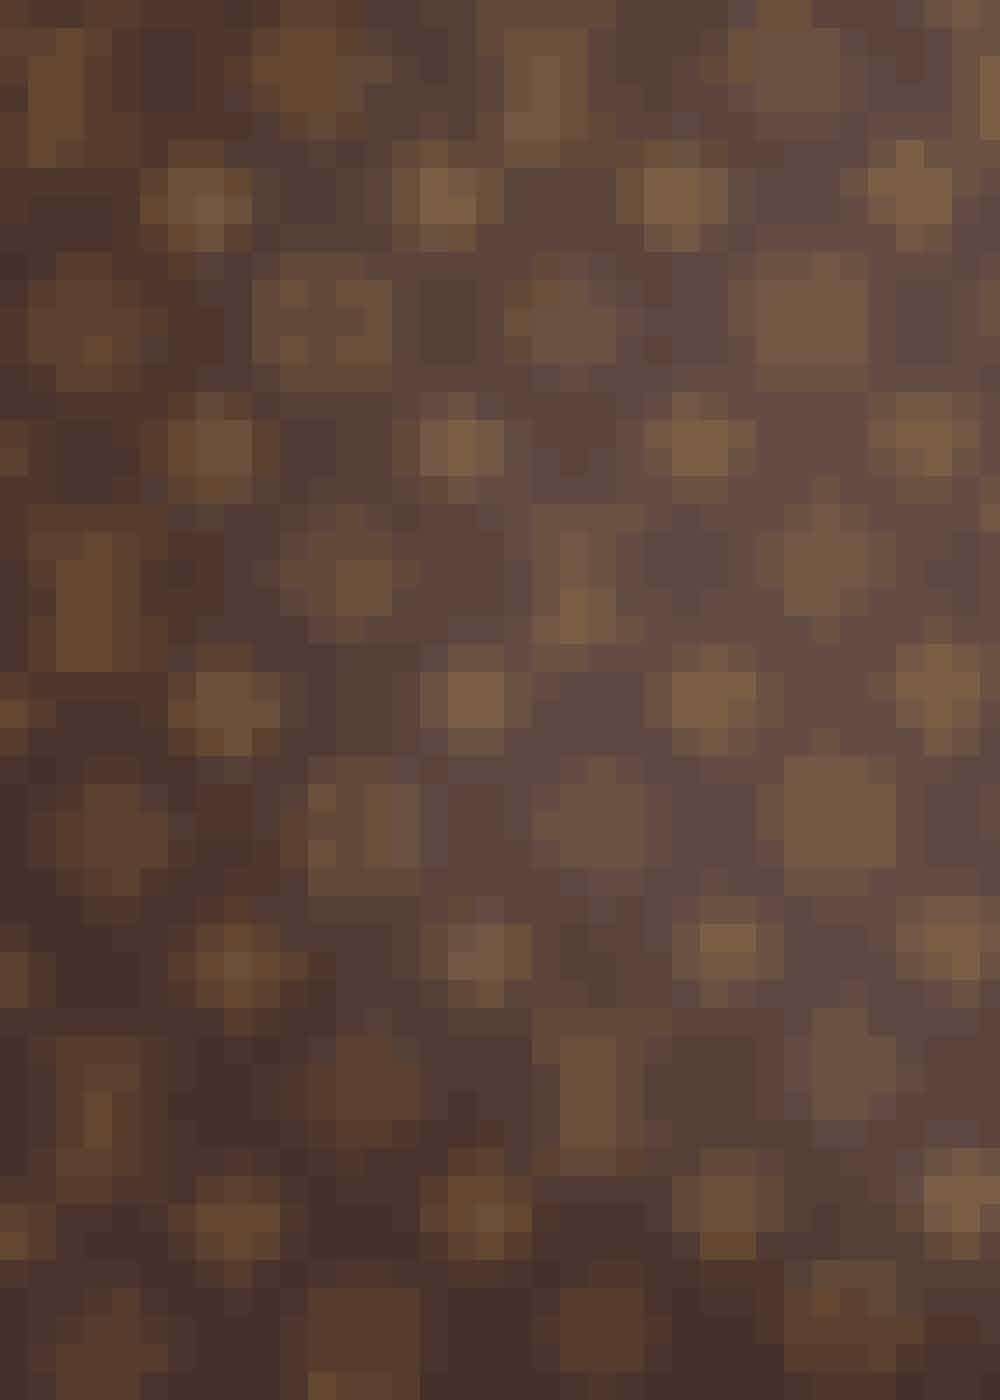 1896: Monogram Canvas bliver lanceretDet måske mest ikoniske, genkendelige (og kopierede) monogram bliver introduceret i 1986. Monogram Canvas hedder det, og lige siden har det været et populært statussymbol blandt Louis Vuittons kunder.